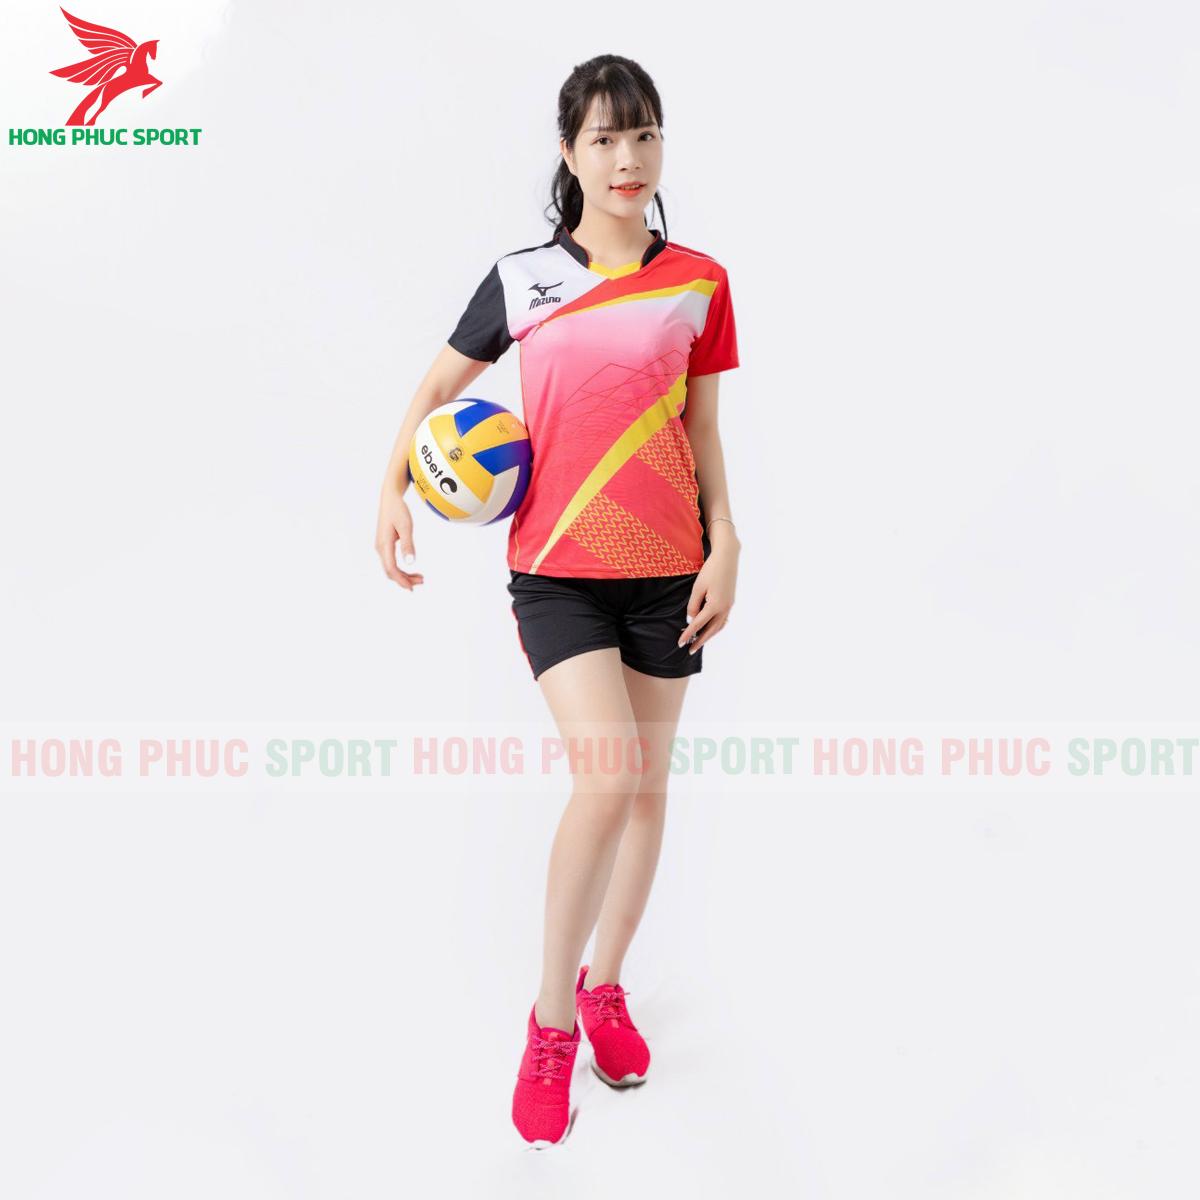 https://cdn.hongphucsport.com/unsafe/s4.shopbay.vn/files/285/quan-ao-bong-chuyen-mizuno-2021-mau-do-2-607506b07ff99.png